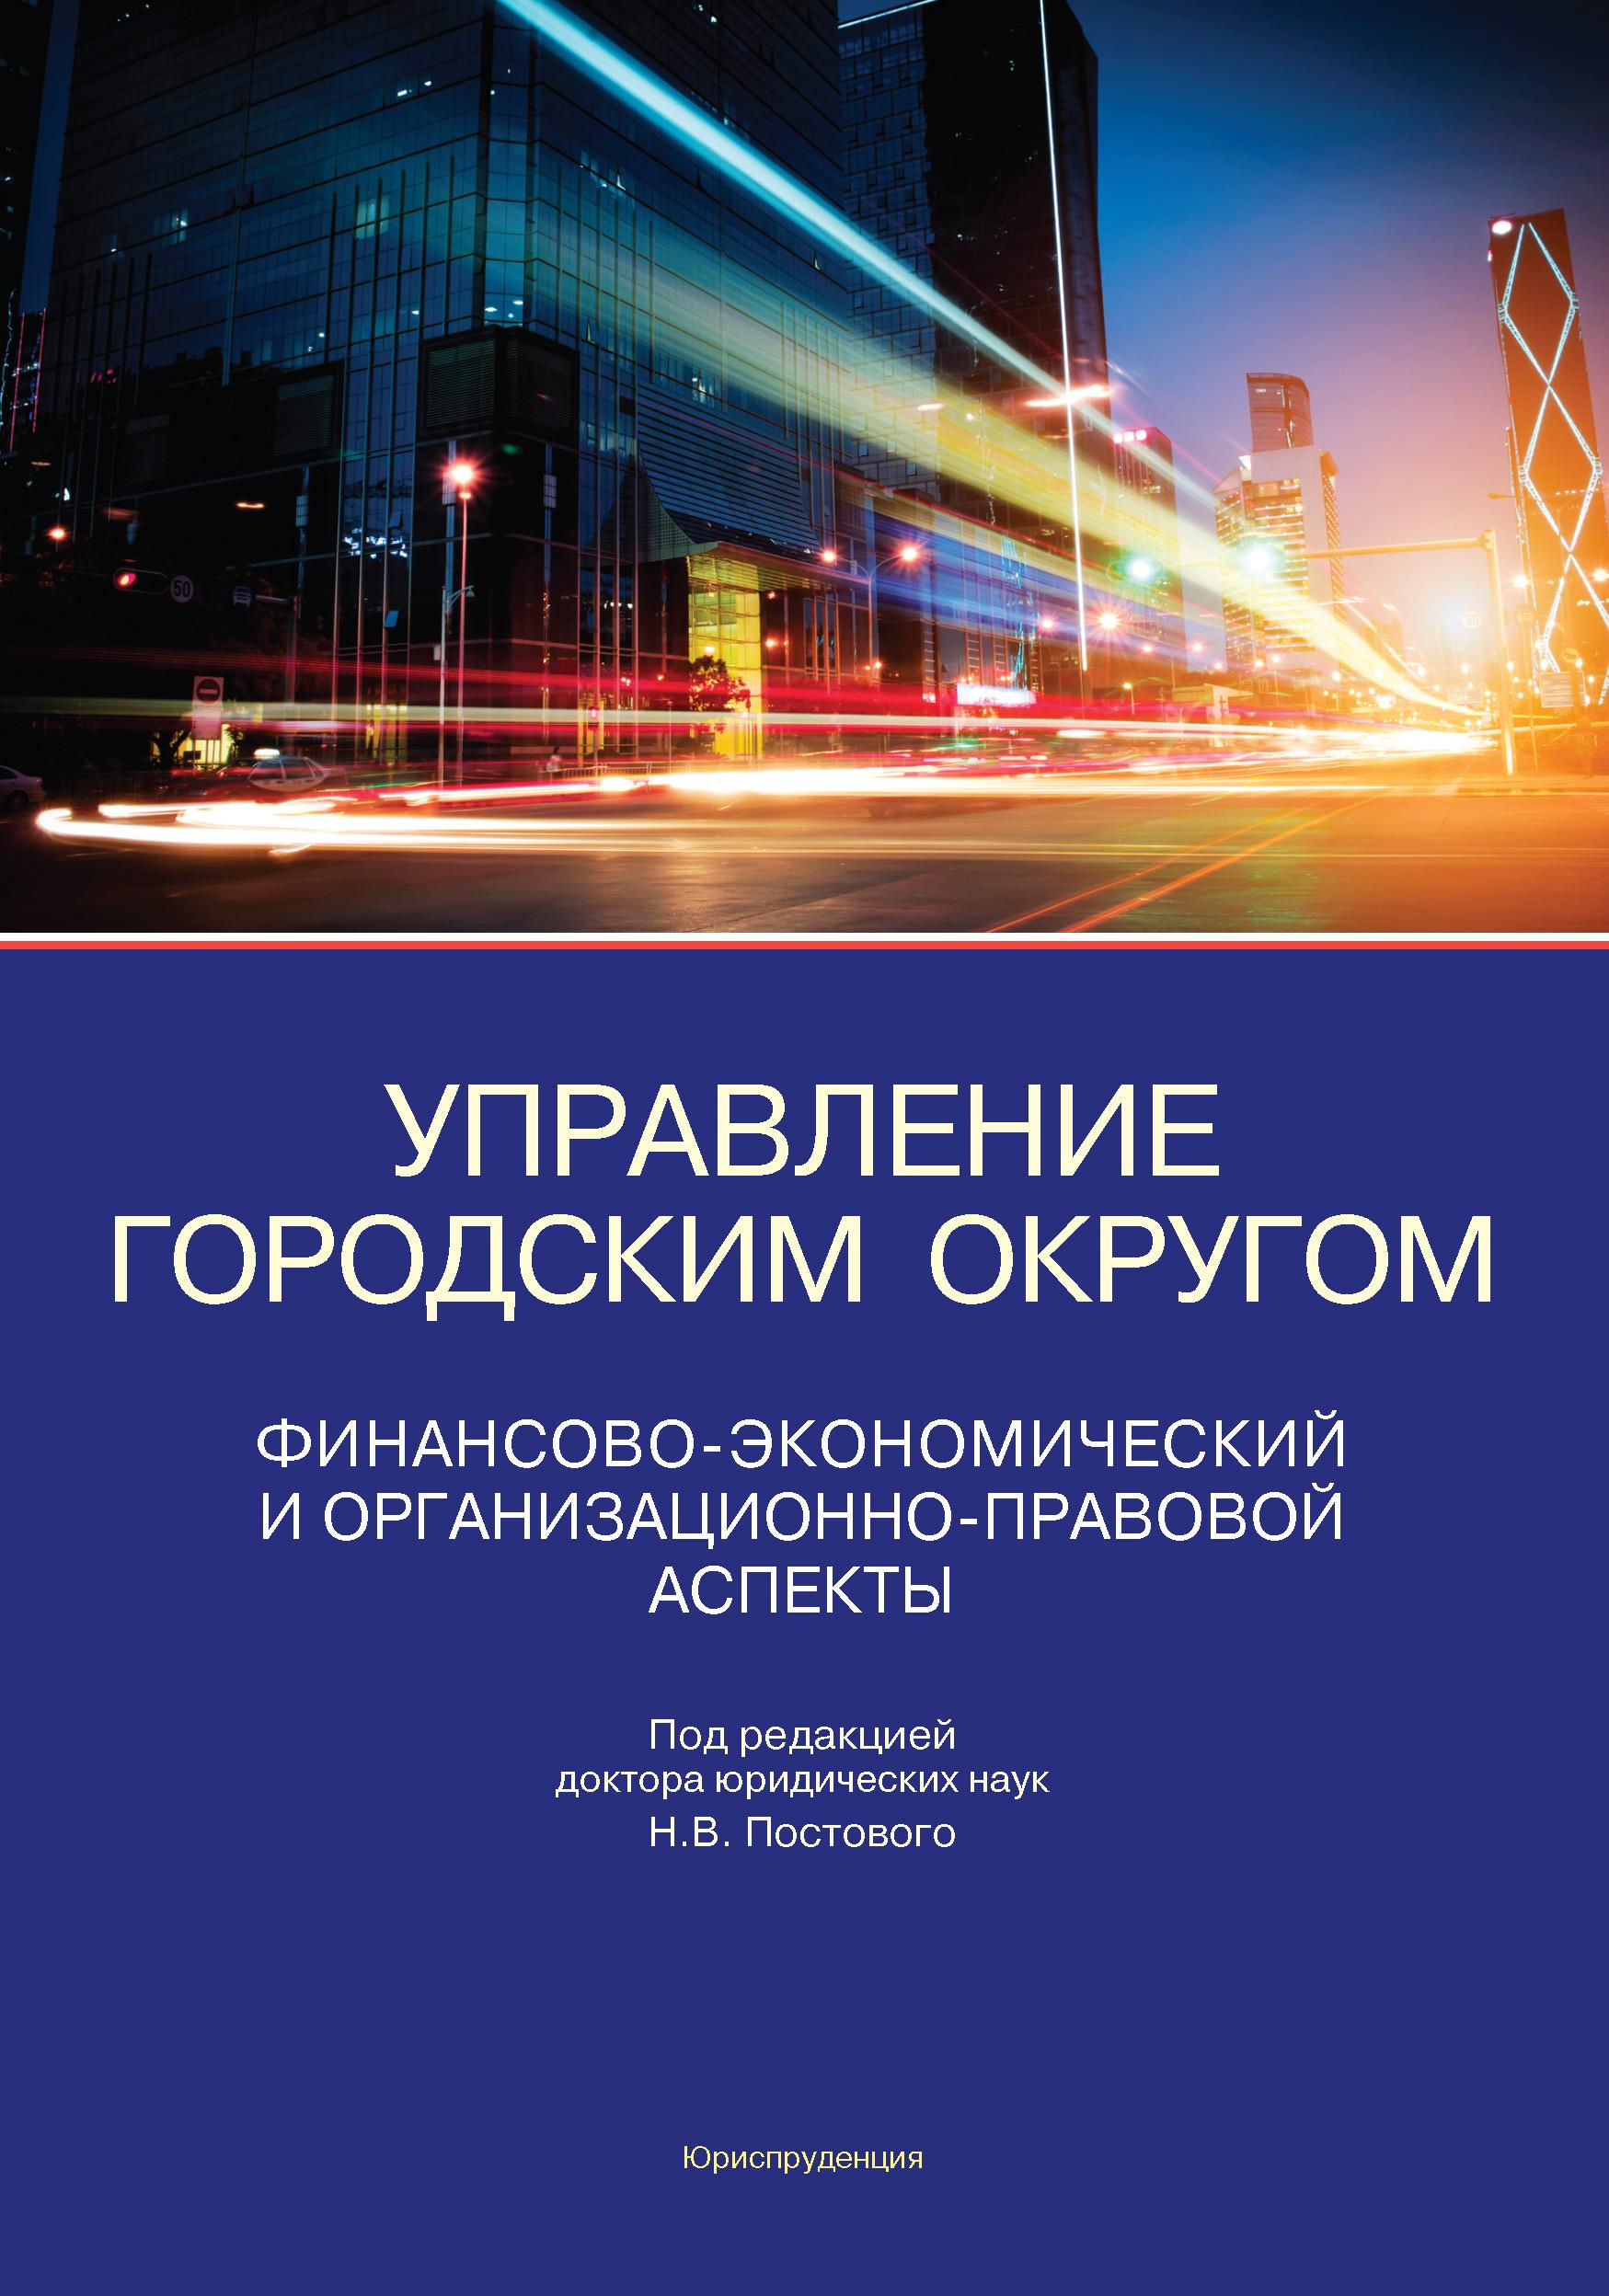 Управление городским округом. Финансово-экономический и организационно-правовой аспекты